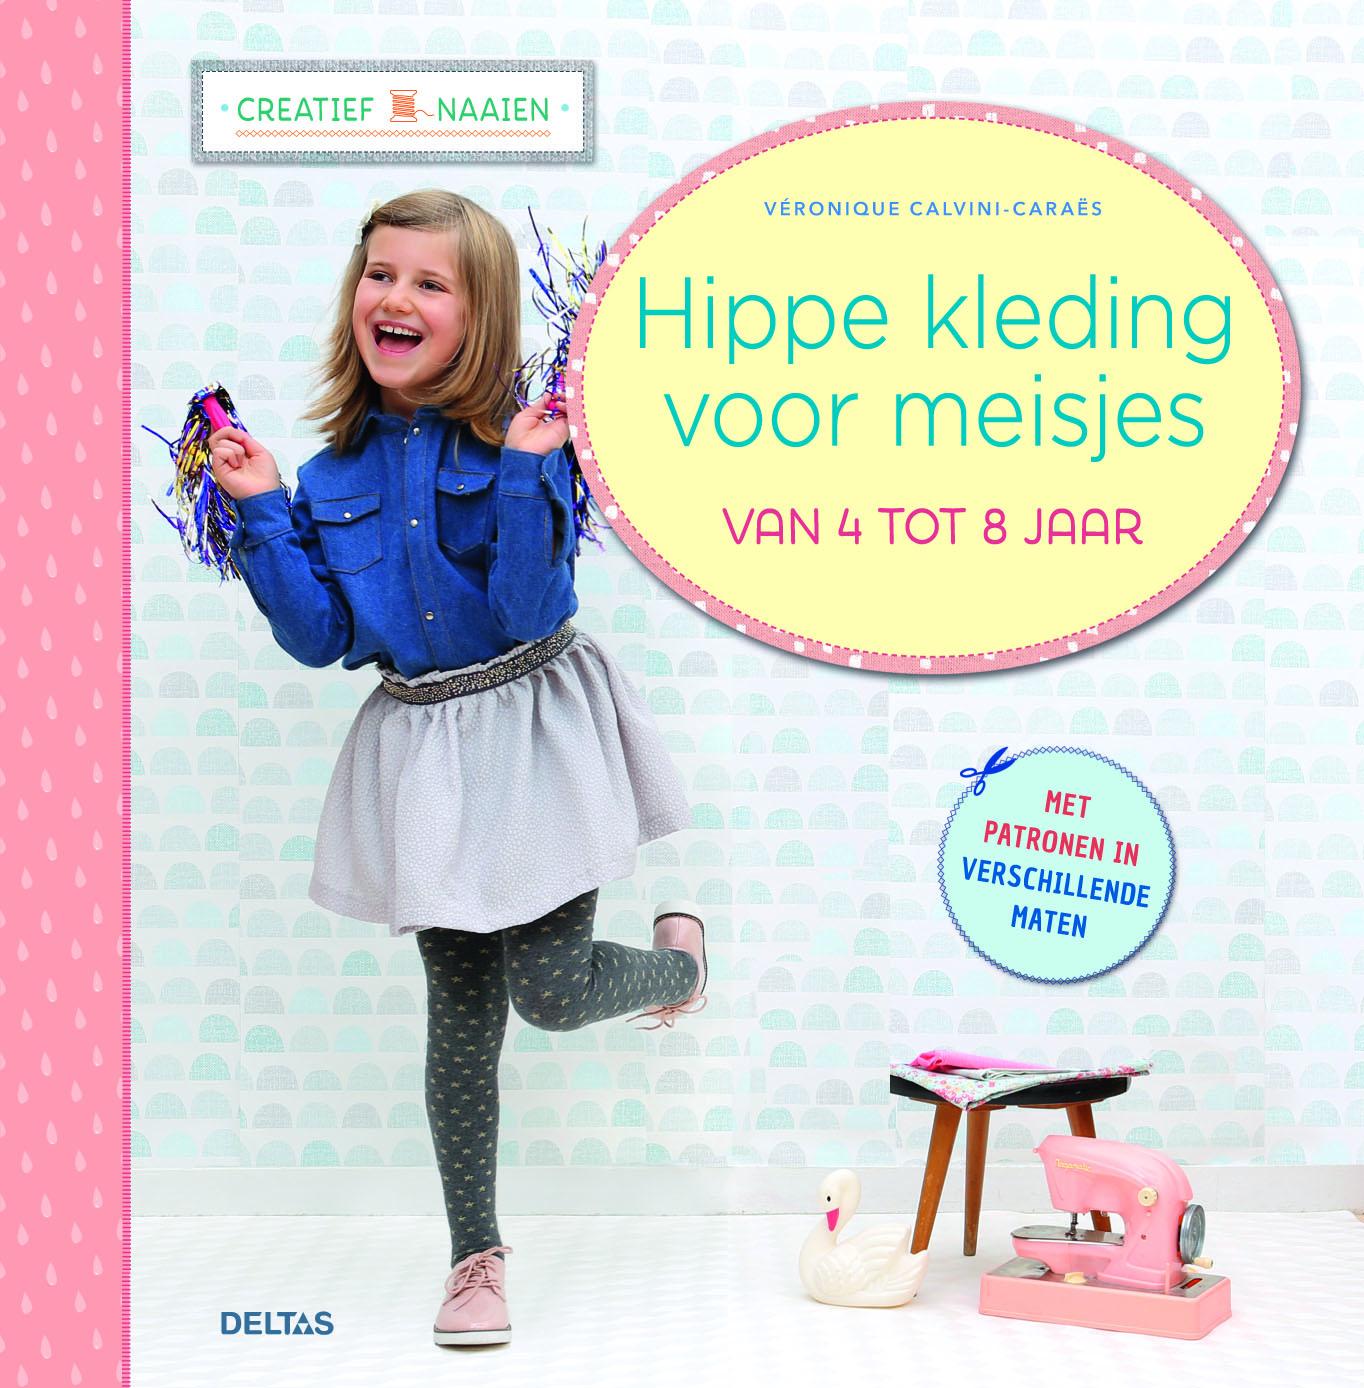 Hippe Kleding.Creatief Naaien Hippe Kleding Voor Meisjes Van 4 Tot 8 Jaar Hobbyou